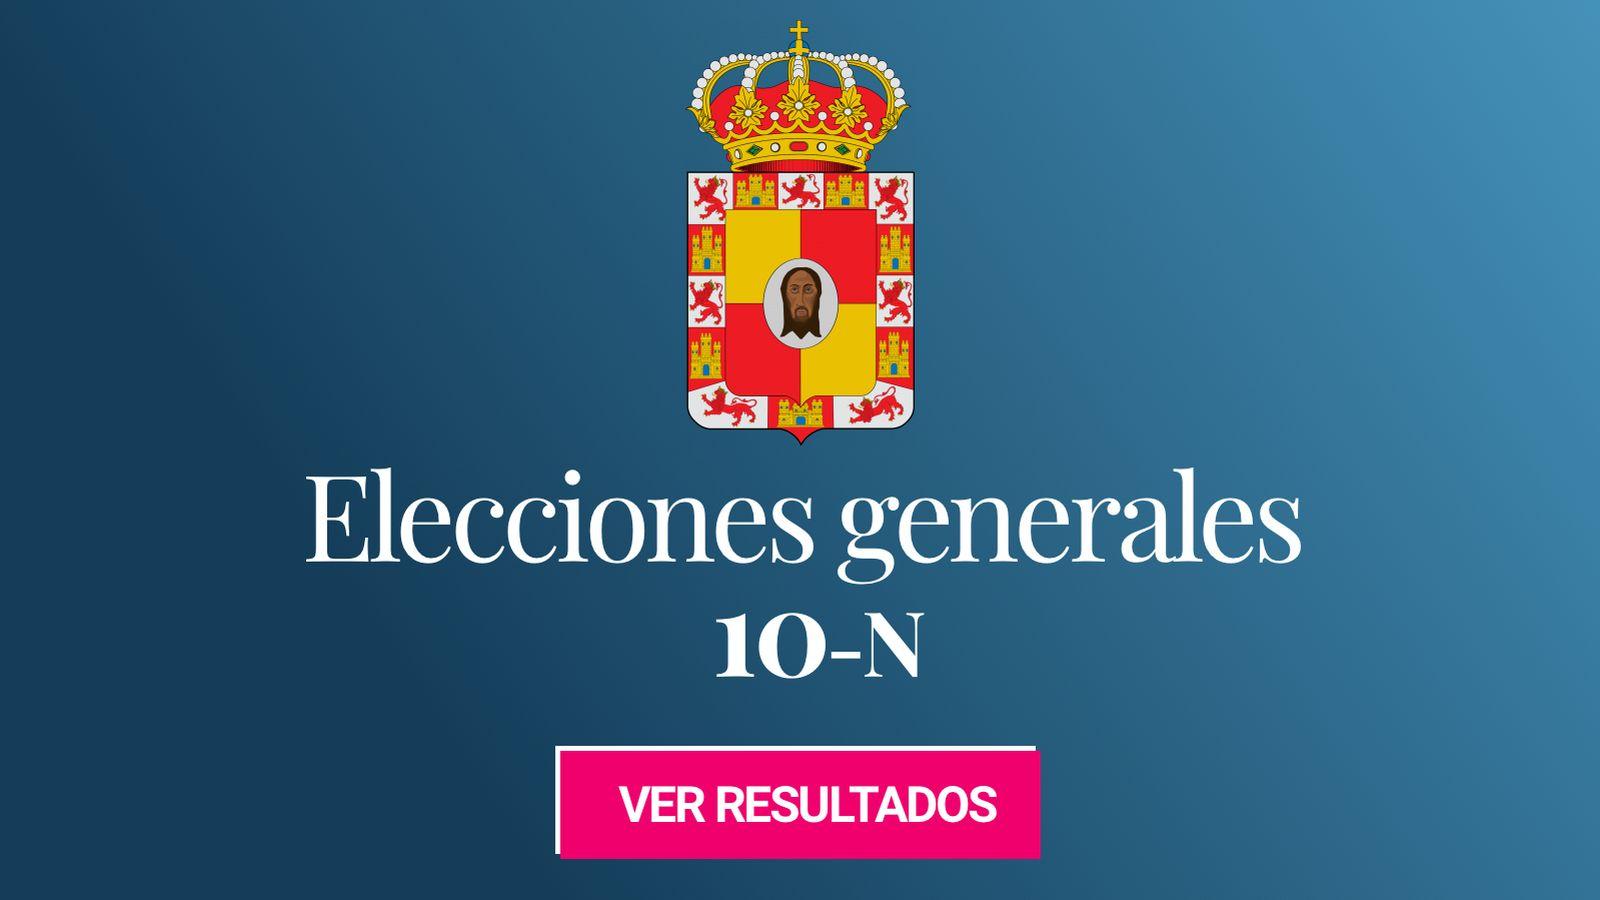 Foto: Elecciones generales 2019 en la provincia de Jaén. (C.C./Miguillen)